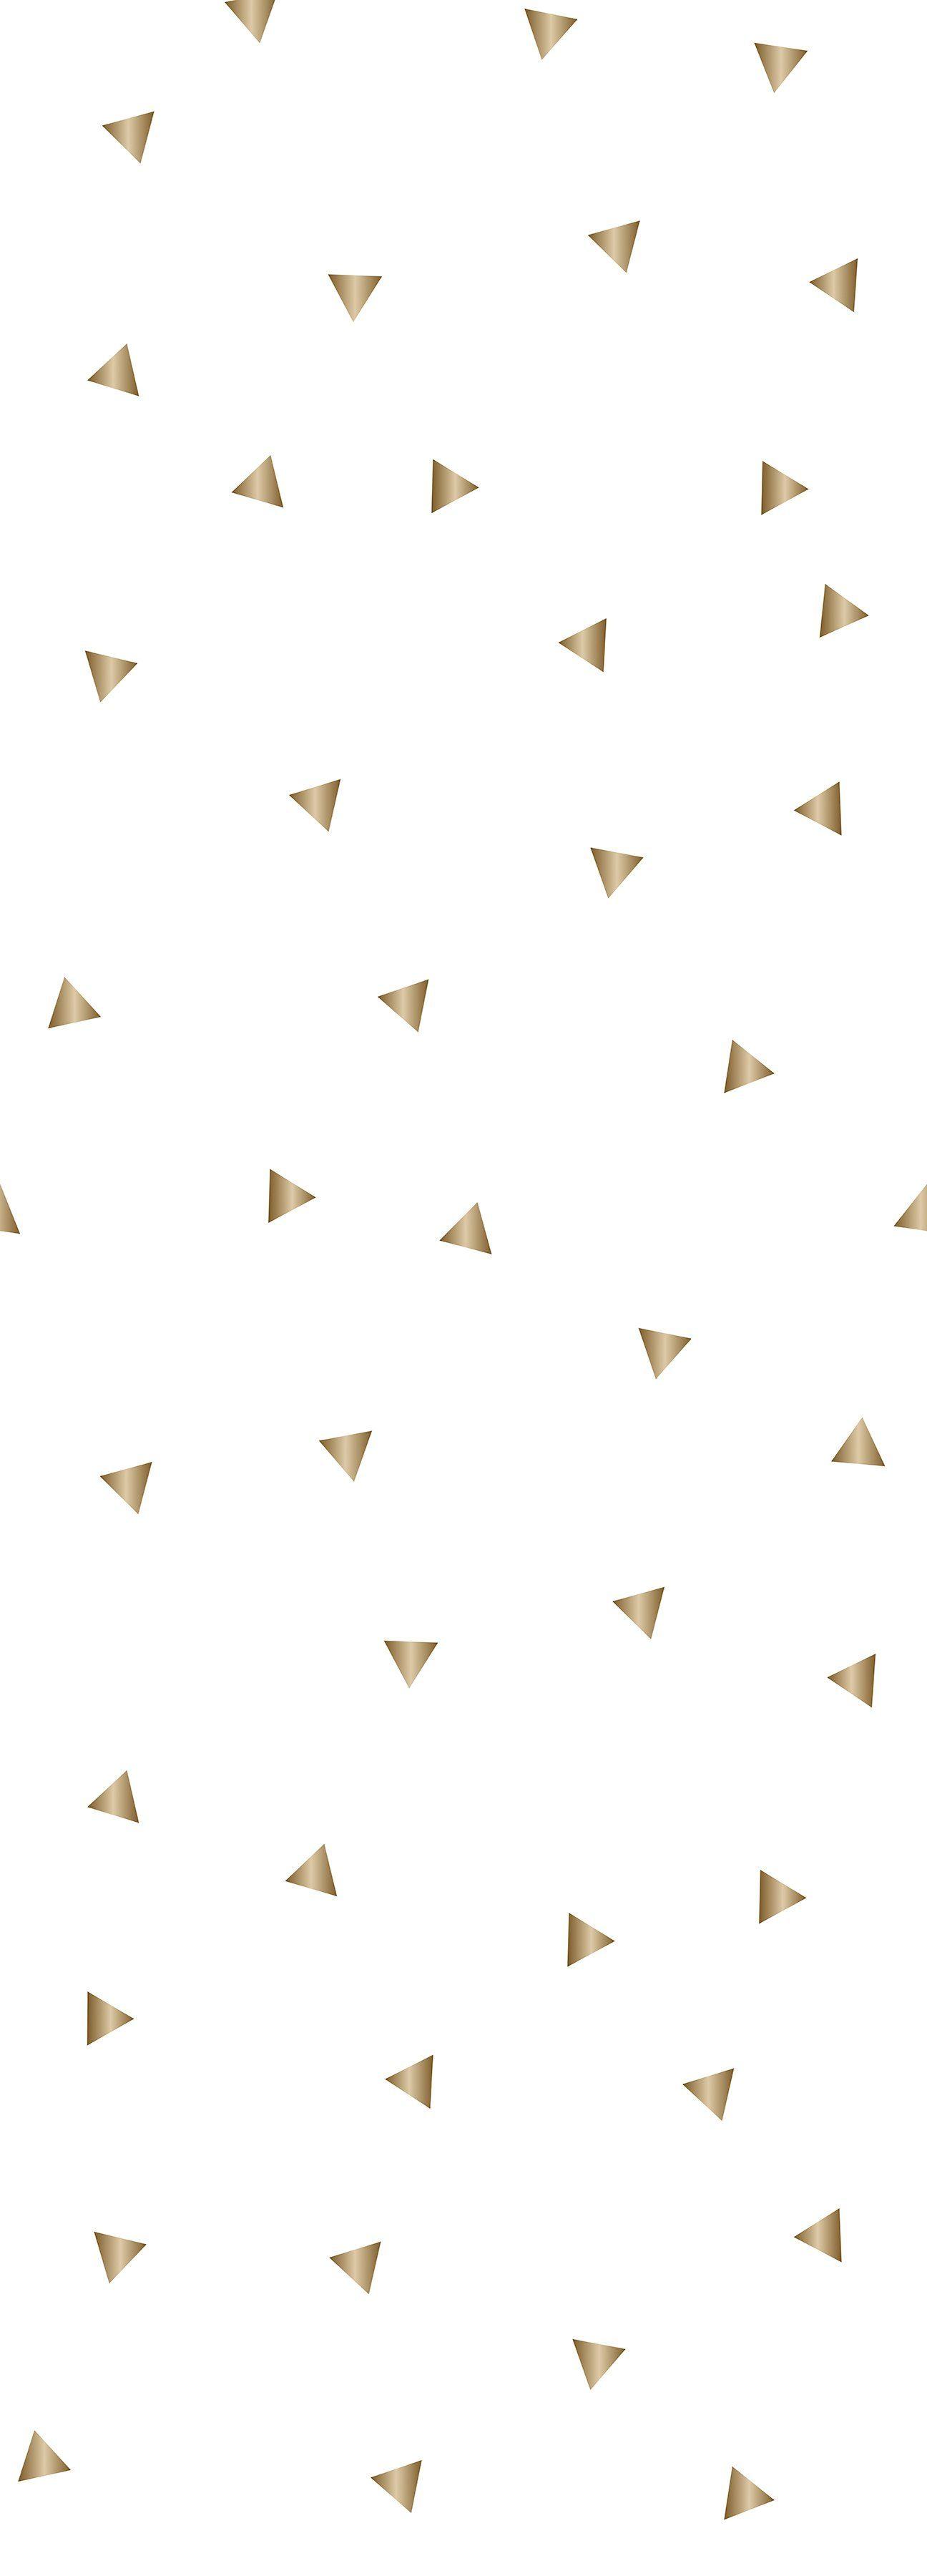 QUEENCE Selbstklebefolie »Dreiecke-Gold«, Tapete 90 x 250 cm Vinylfolie